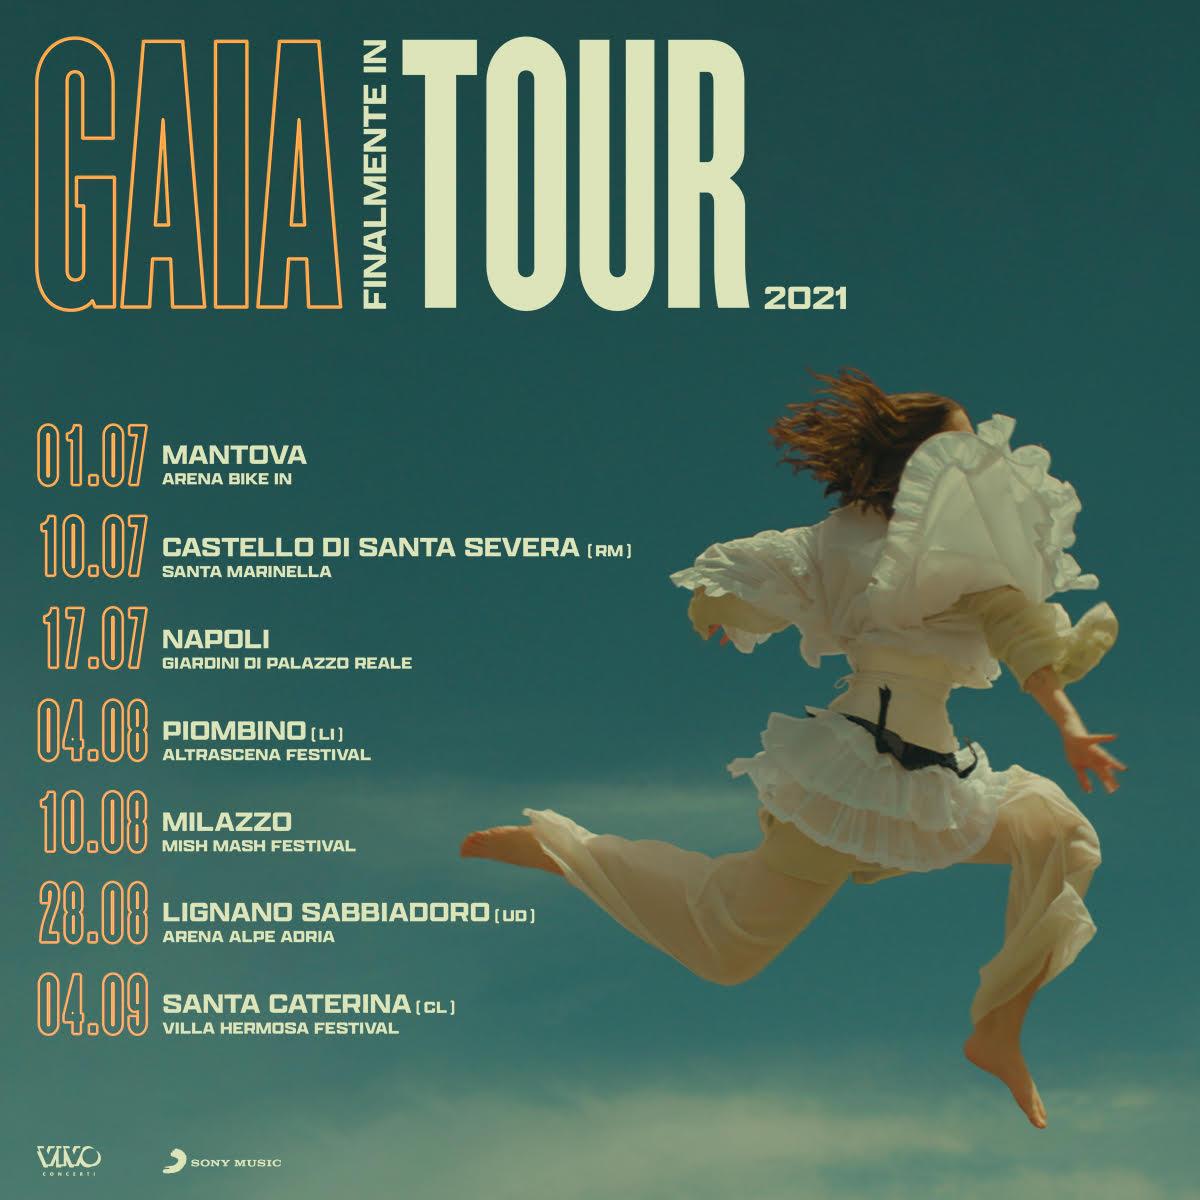 GAIA / Finalmente in TOUR - Annunciate le date per l'estate 2021